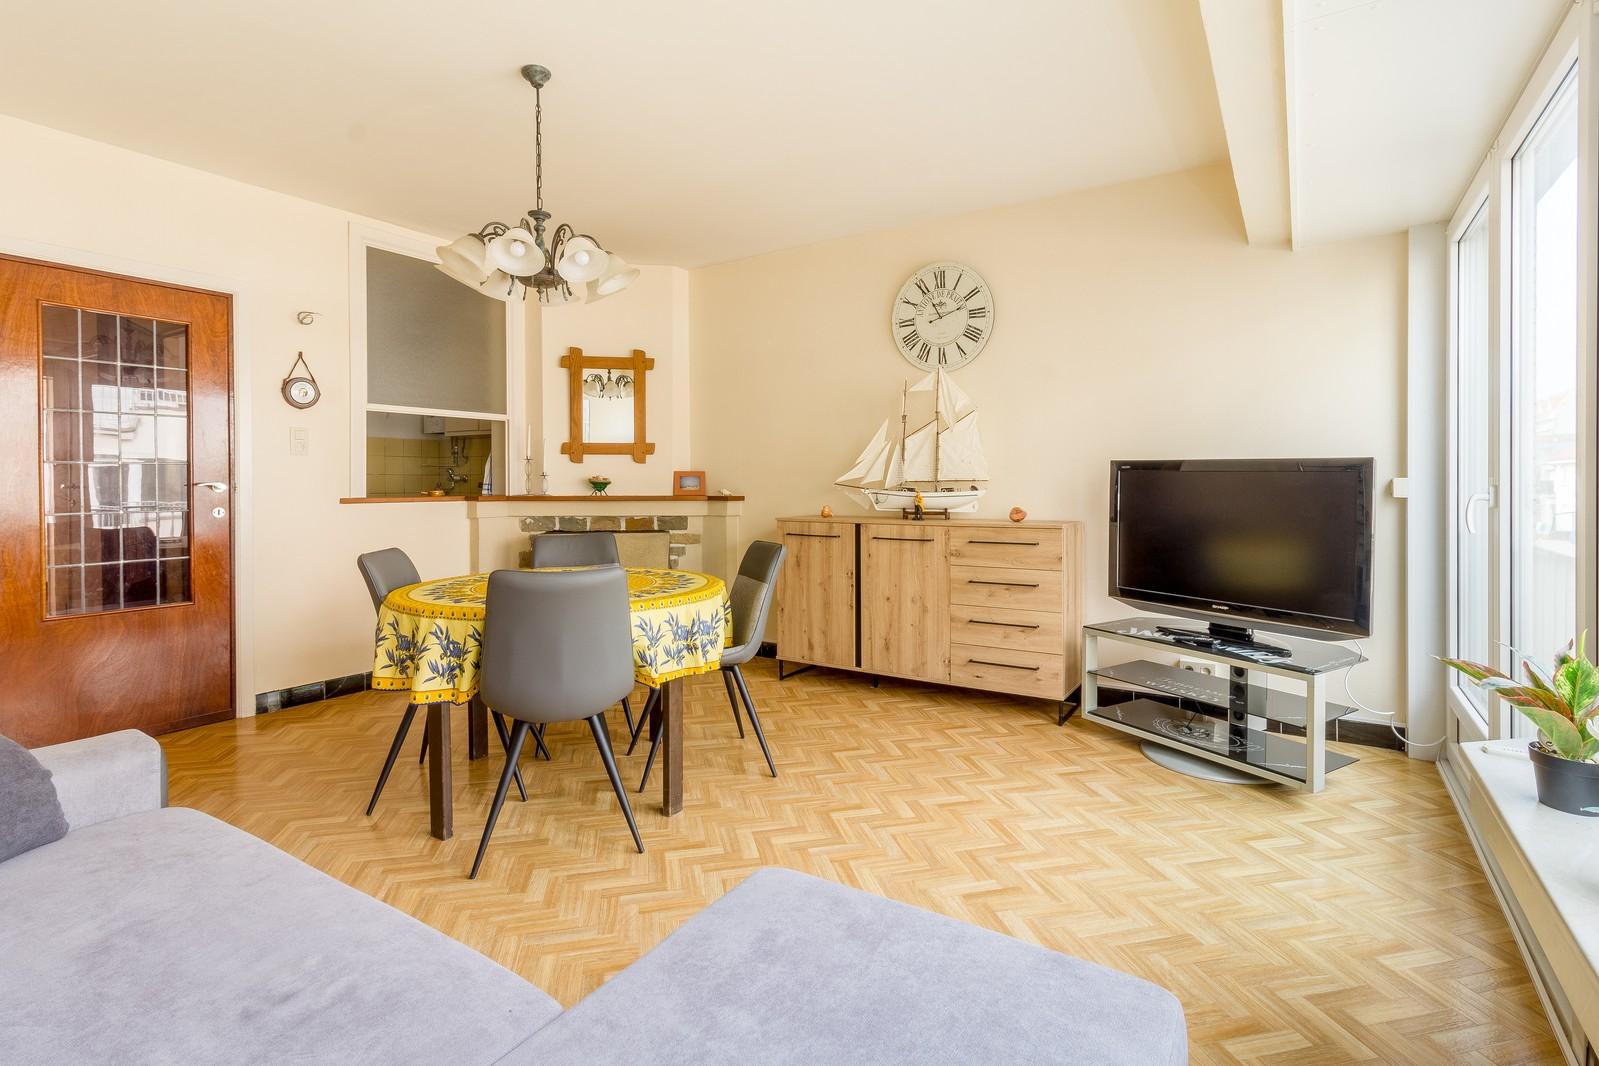 Appartement 1 chambre rafraîchi, dans le centre de Westende-Bad!